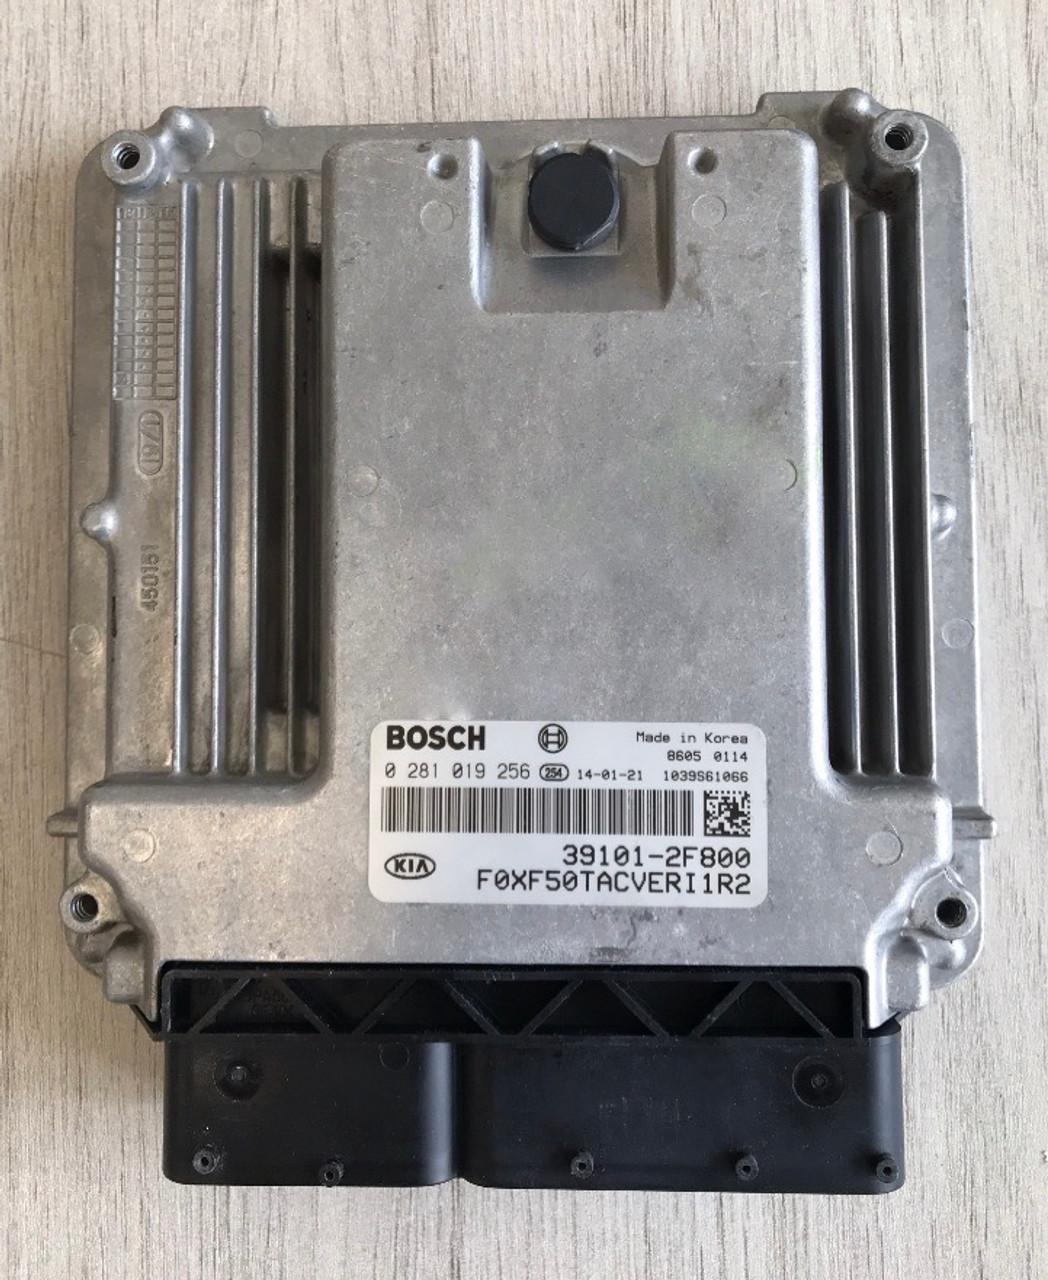 Bosch Engine ECU, Kia - Hyundai, 0281019256, 0 281 019 256, 39101-2F800, 1039S61066